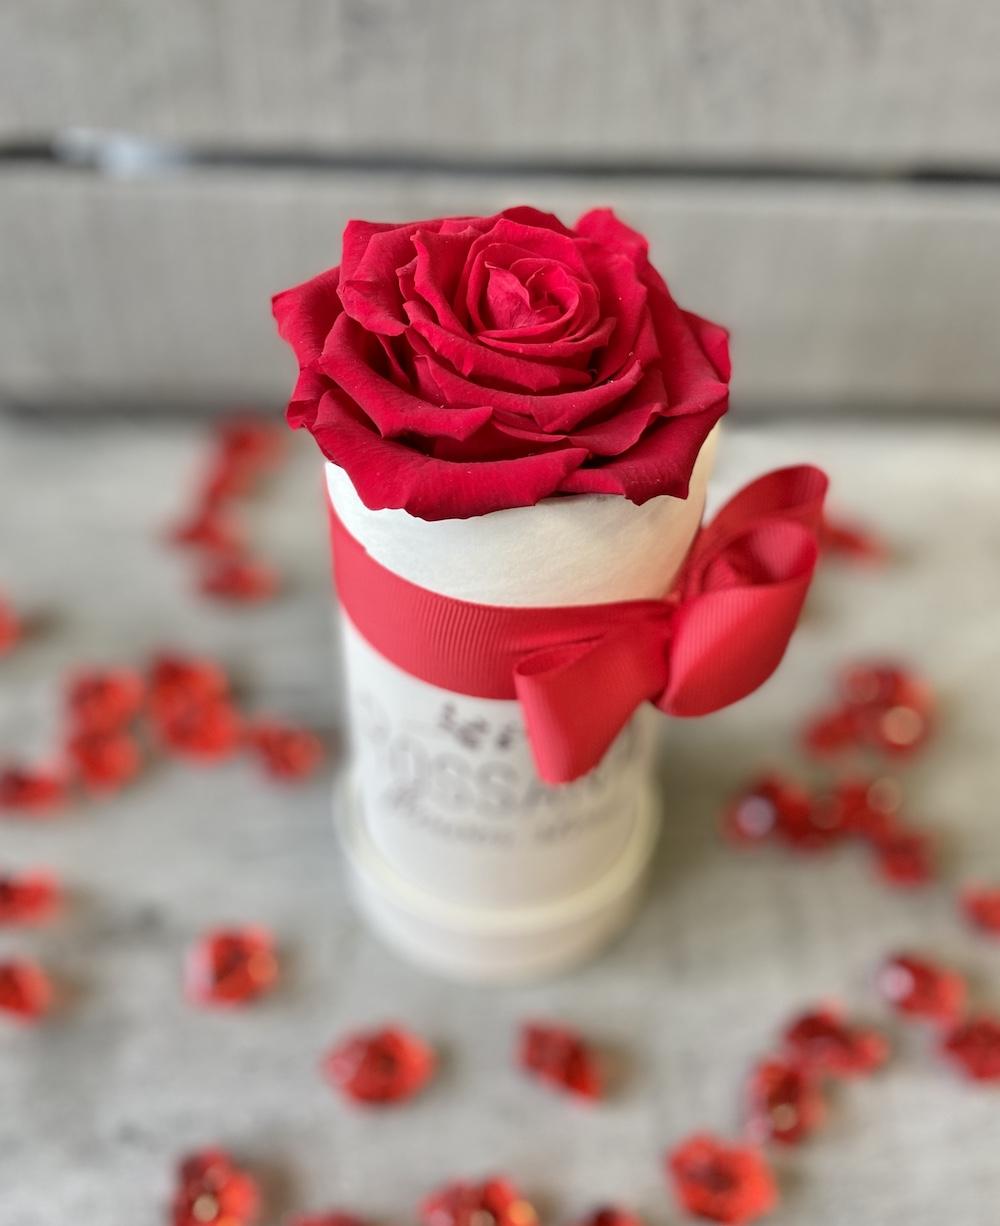 flower box rose stabilizzate rosso florashopping Rossana flower store NovellinoIMG_0579